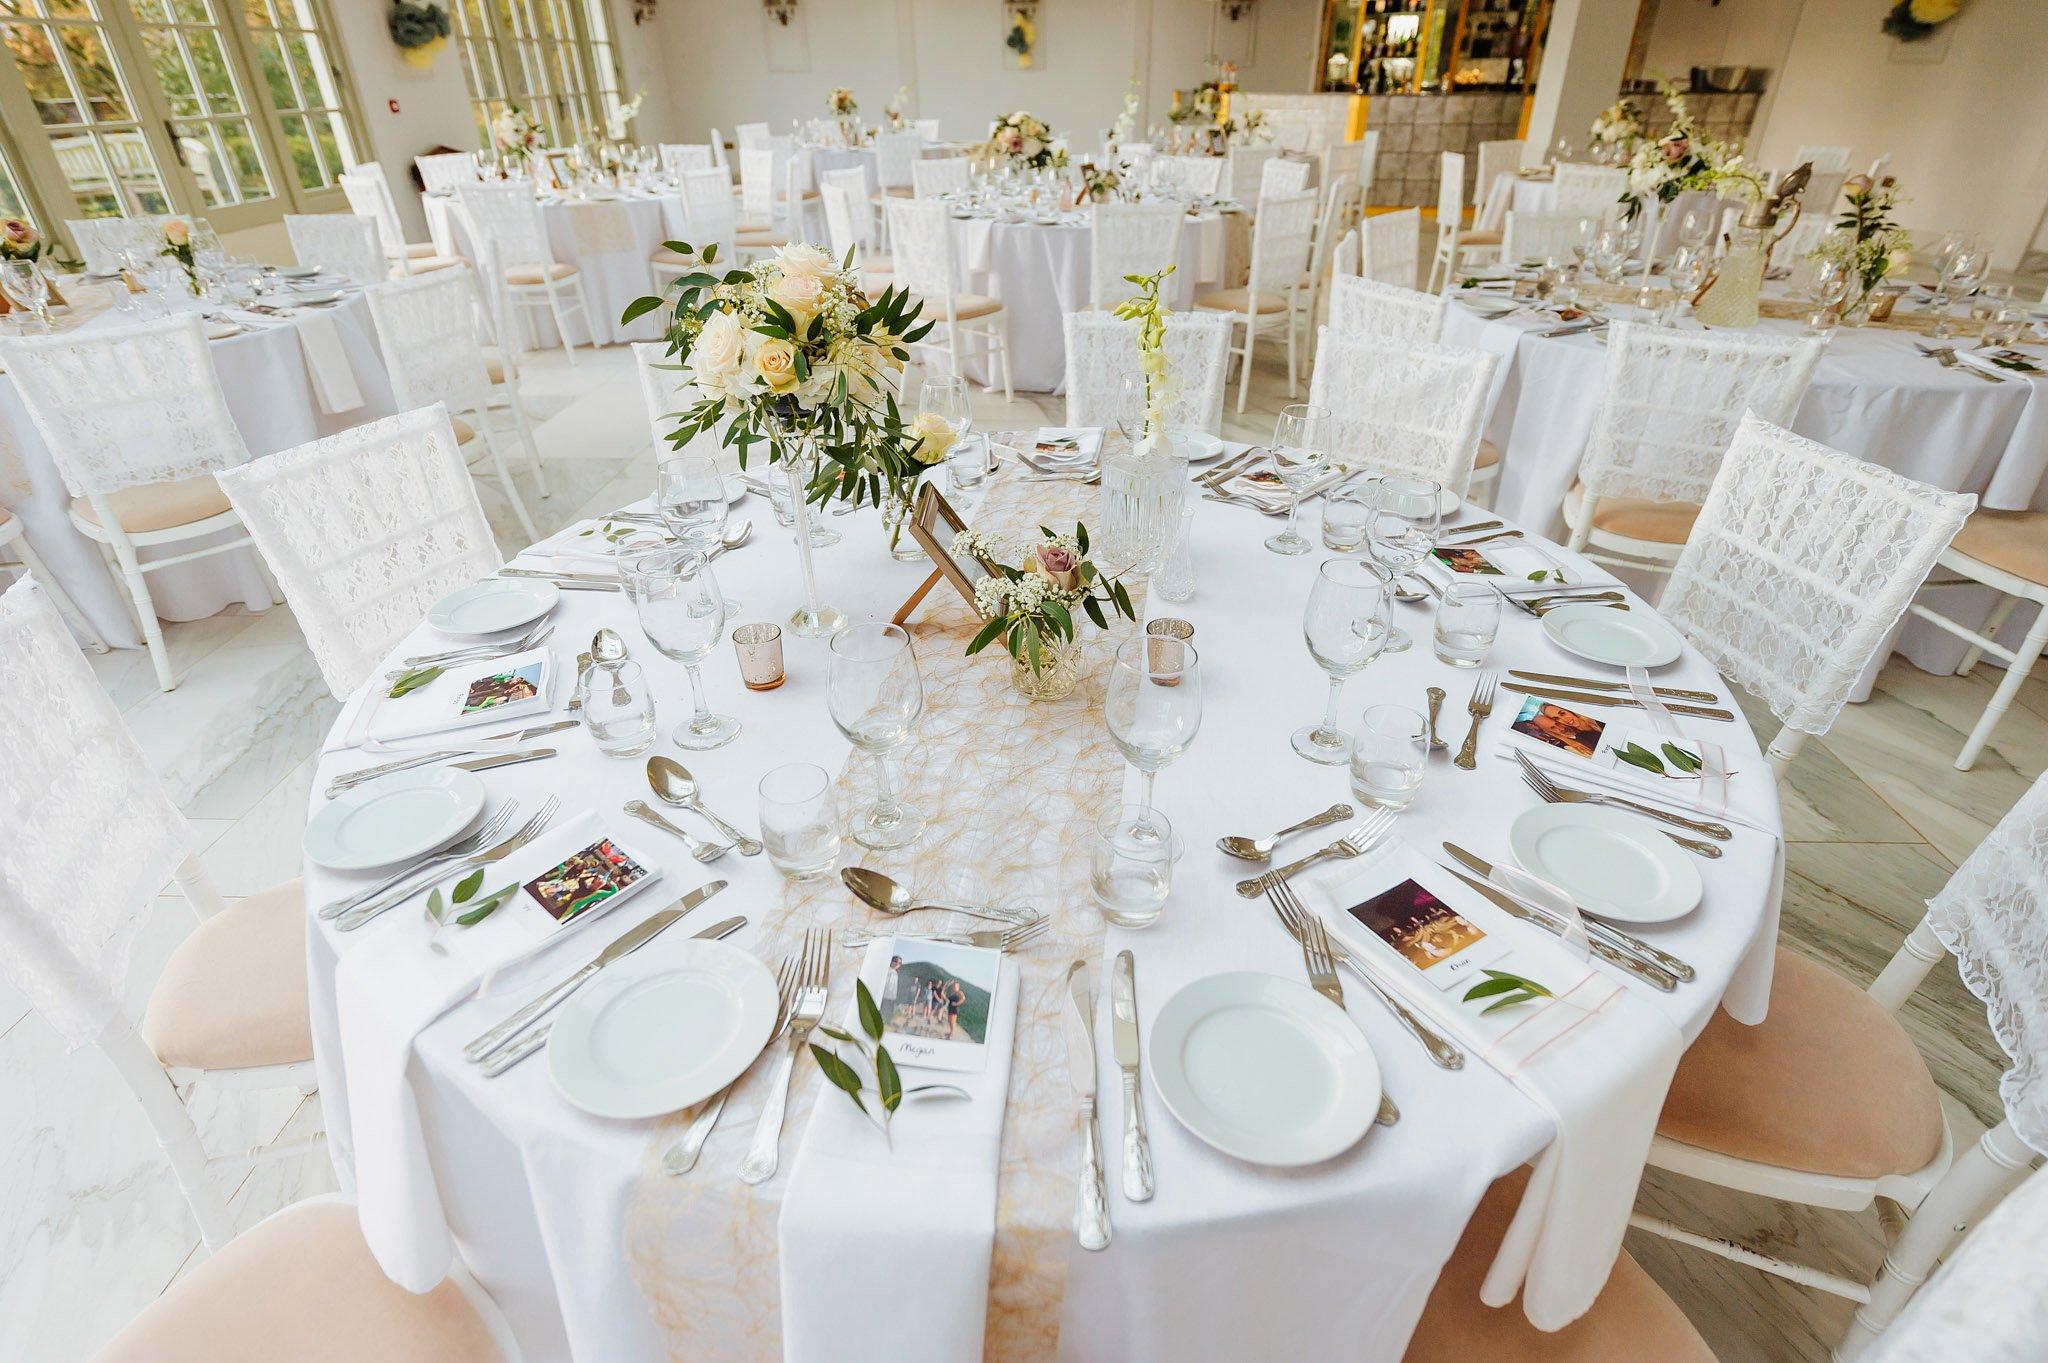 Lemore Manor wedding, Herefordshire - West Midlands | Sadie + Ken 64